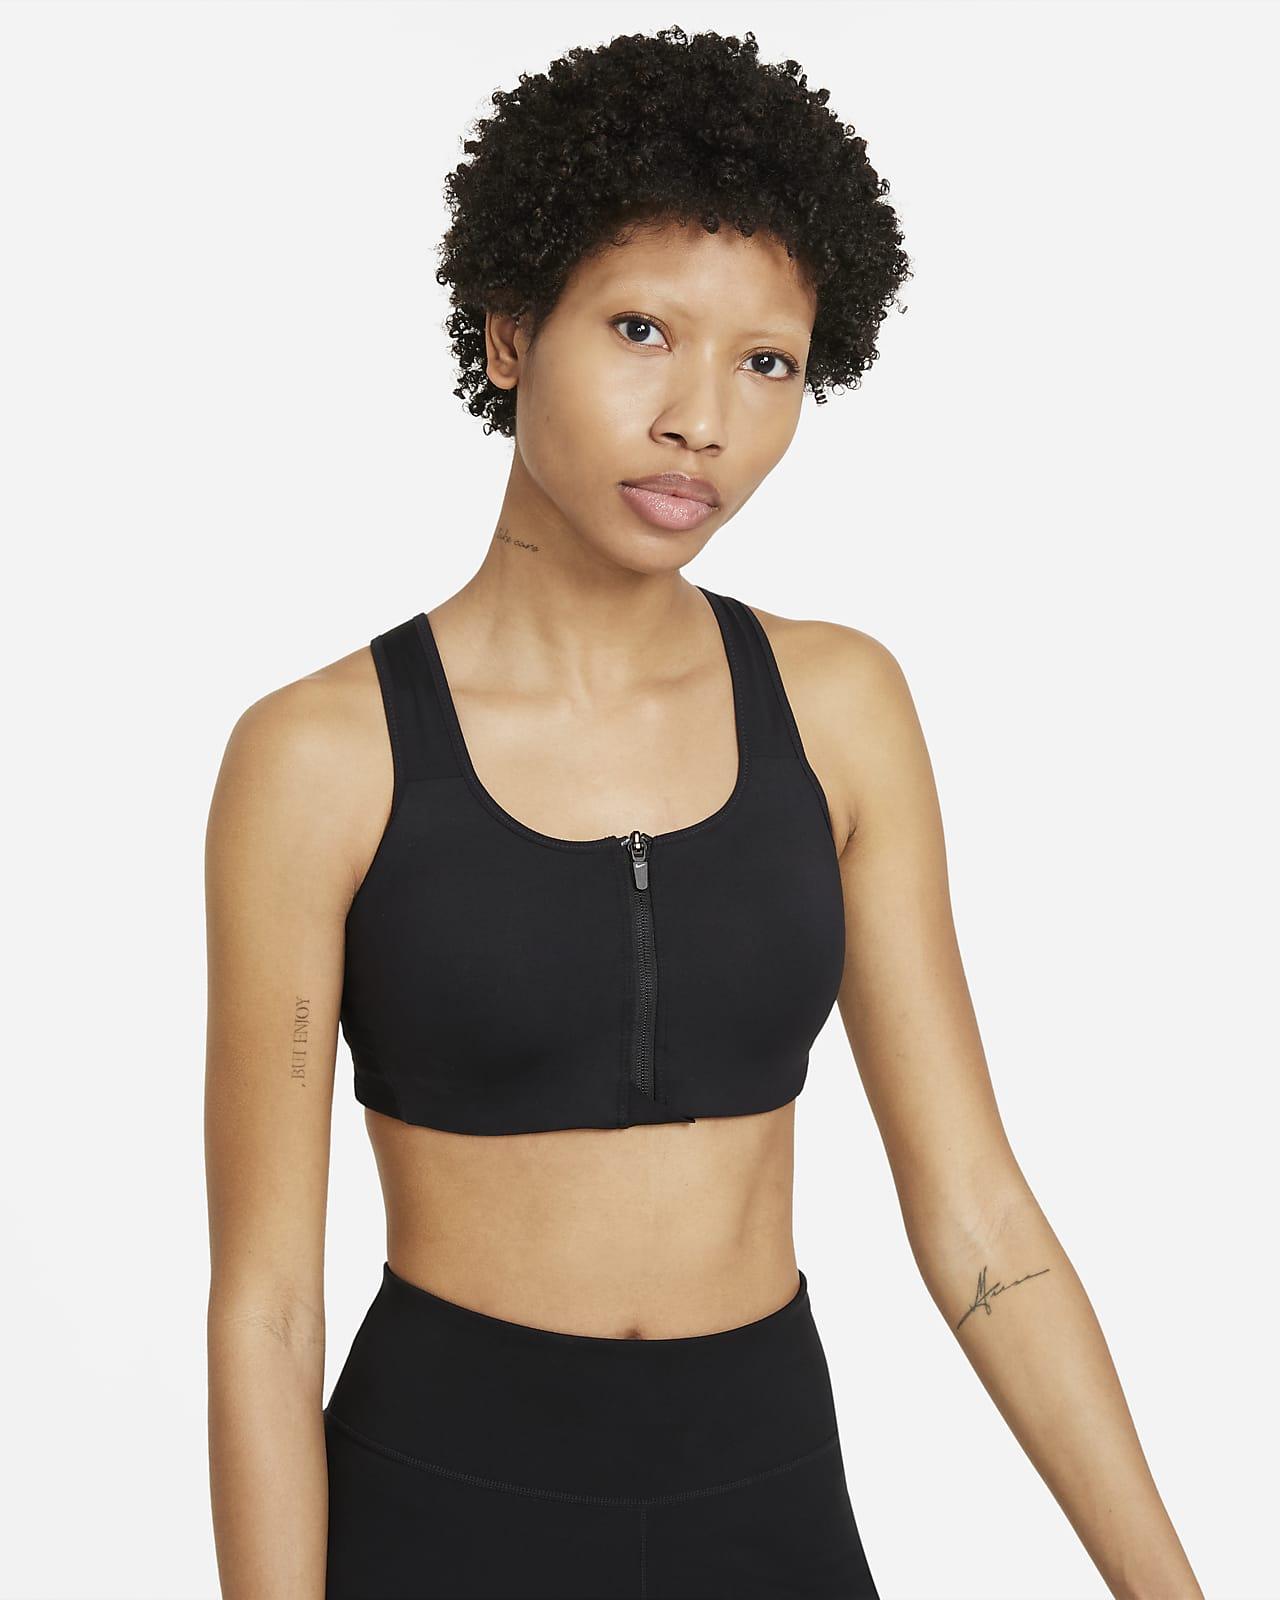 Спортивное бра с высокой поддержкой, вкладышем и молнией спереди Nike Dri-FIT Shape